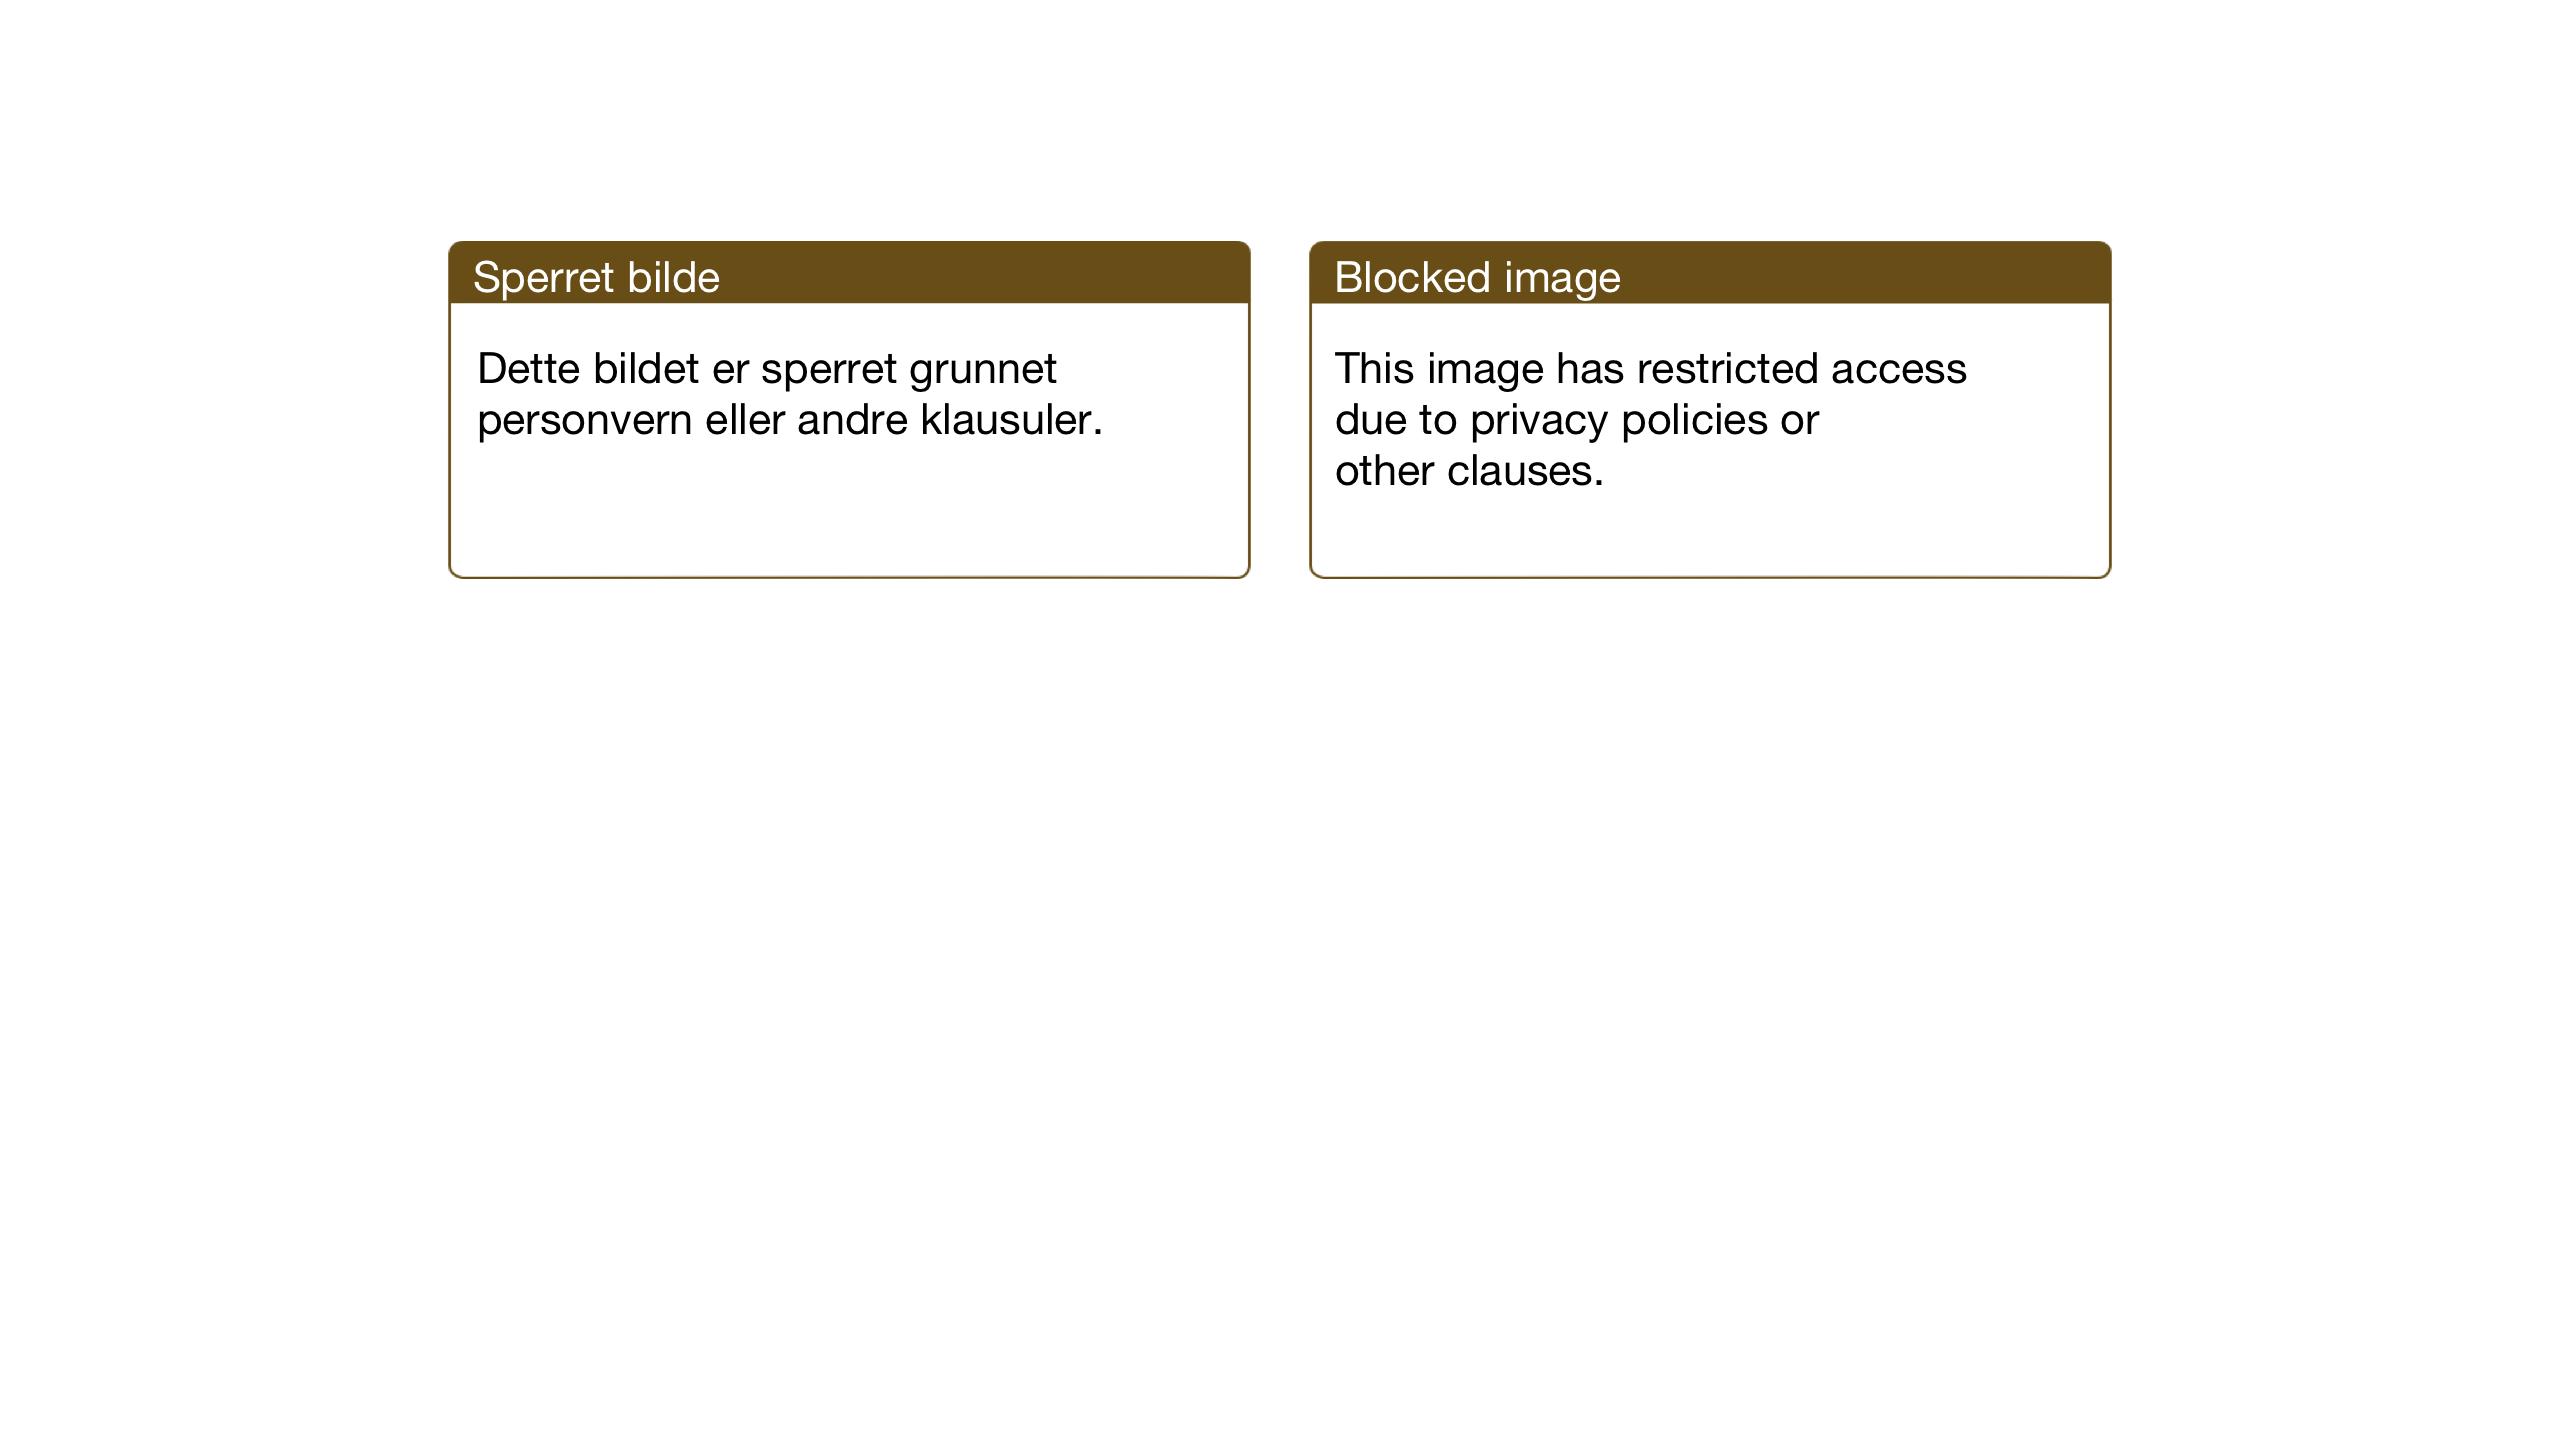 SAT, Ministerialprotokoller, klokkerbøker og fødselsregistre - Nord-Trøndelag, 770/L0592: Klokkerbok nr. 770C03, 1941-1950, s. 24